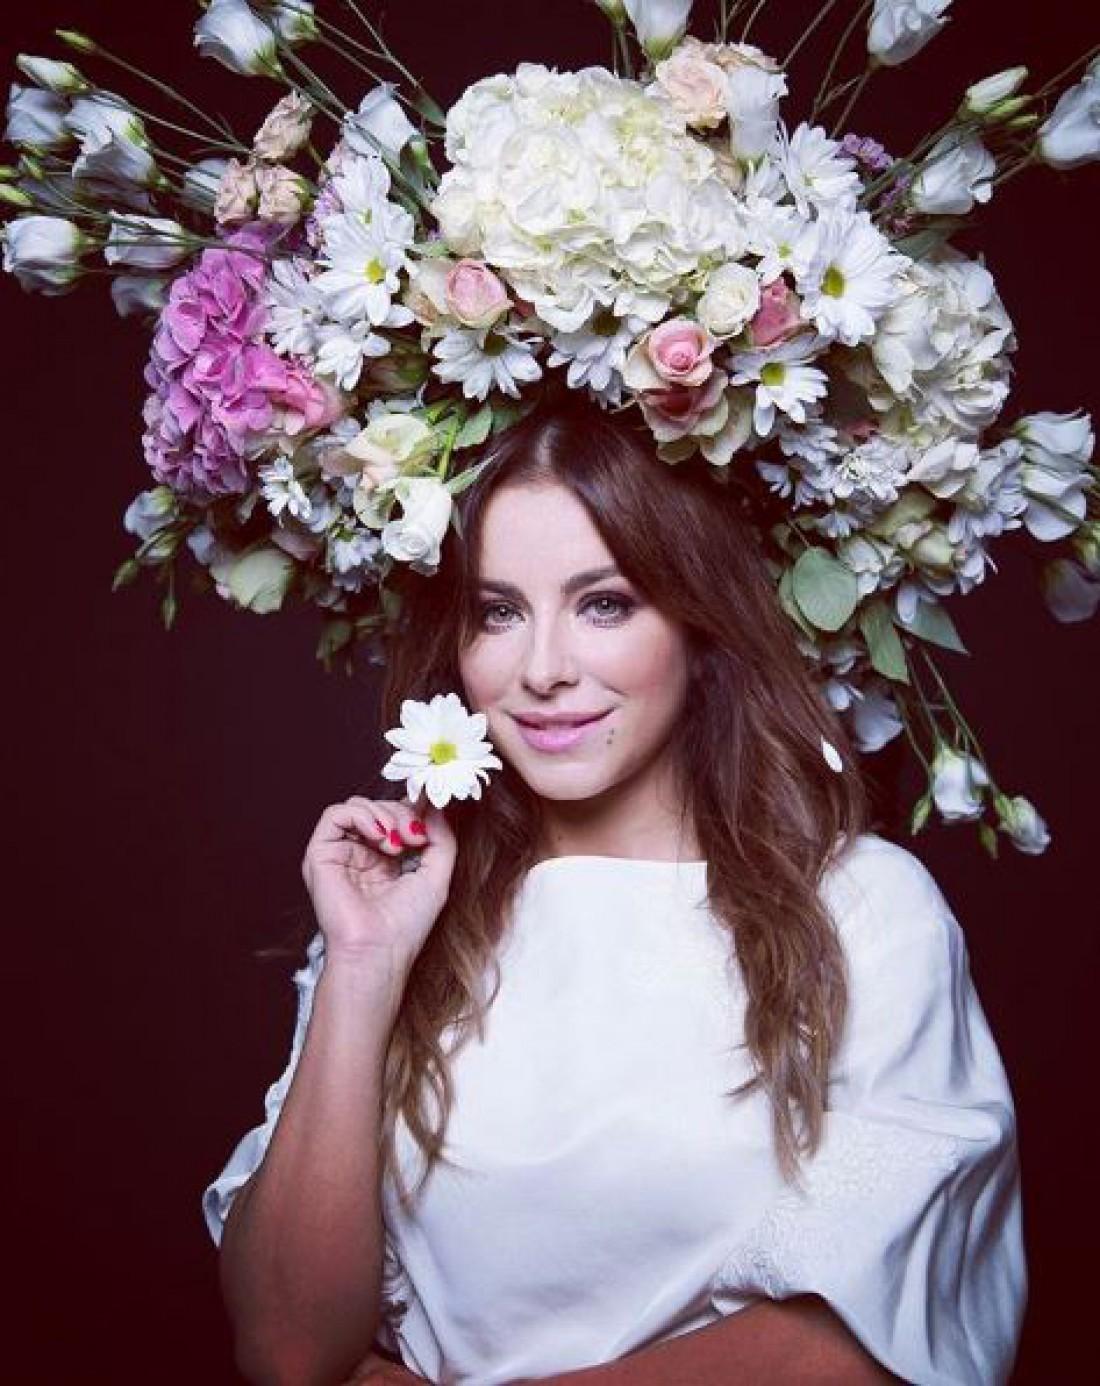 Ани Лорак призналась, что скучает по украинскому зрителю